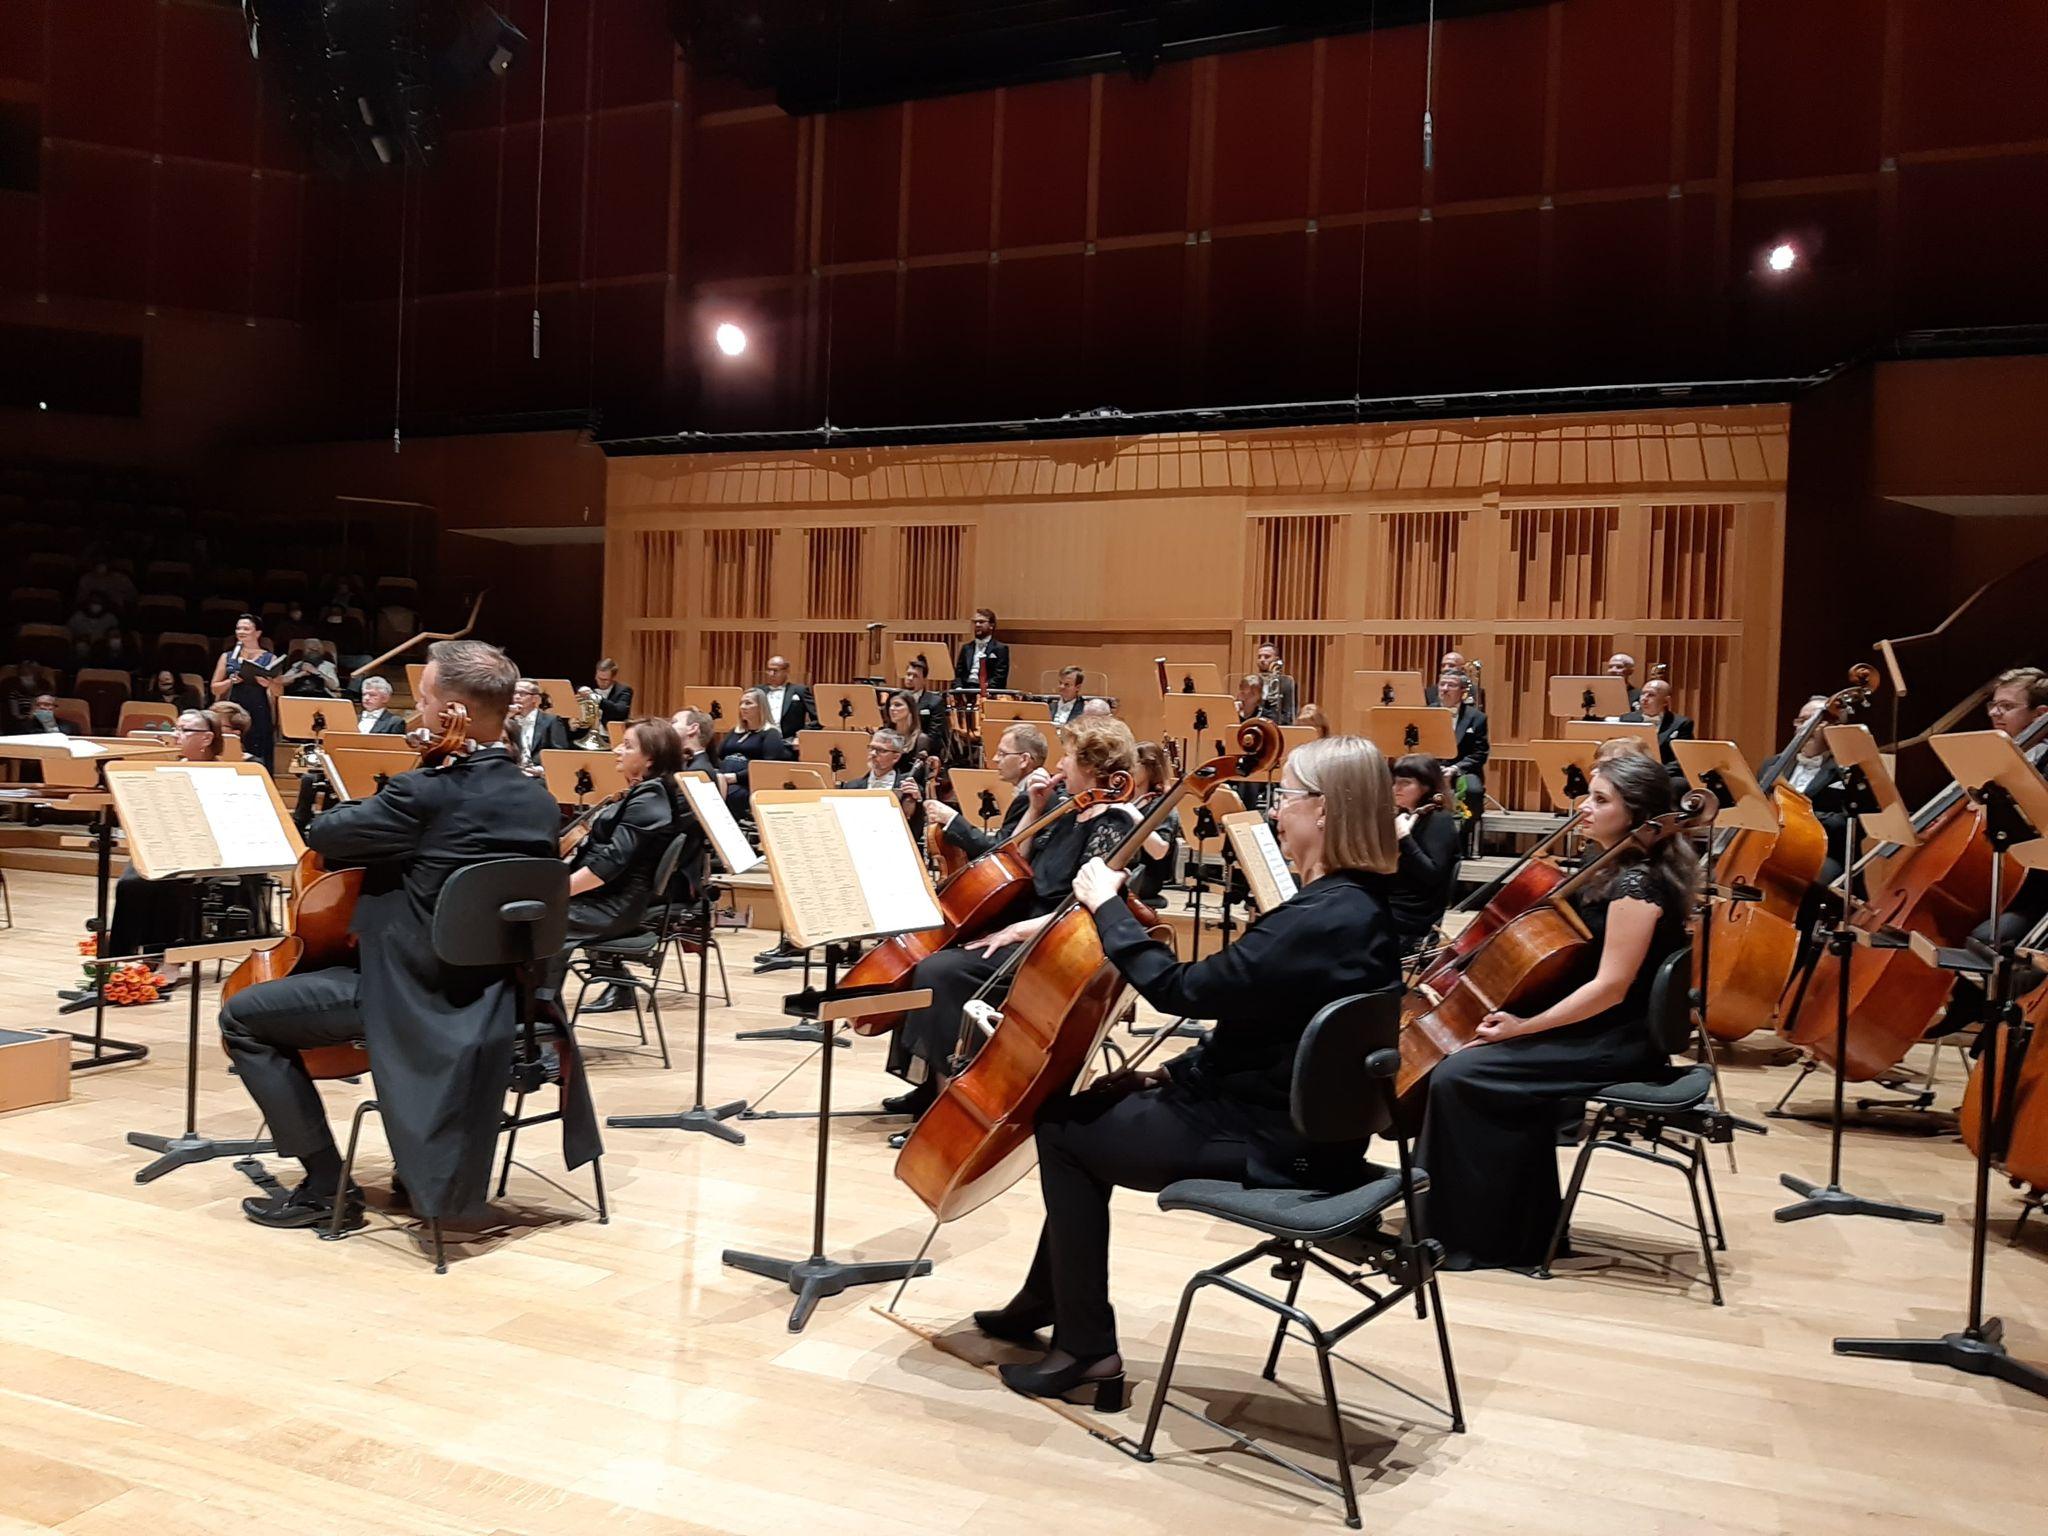 Beethoven, Sibelius i Mendelssohn. Nowy sezon artystyczny na Ołowiance rozpoczęty koncertowo